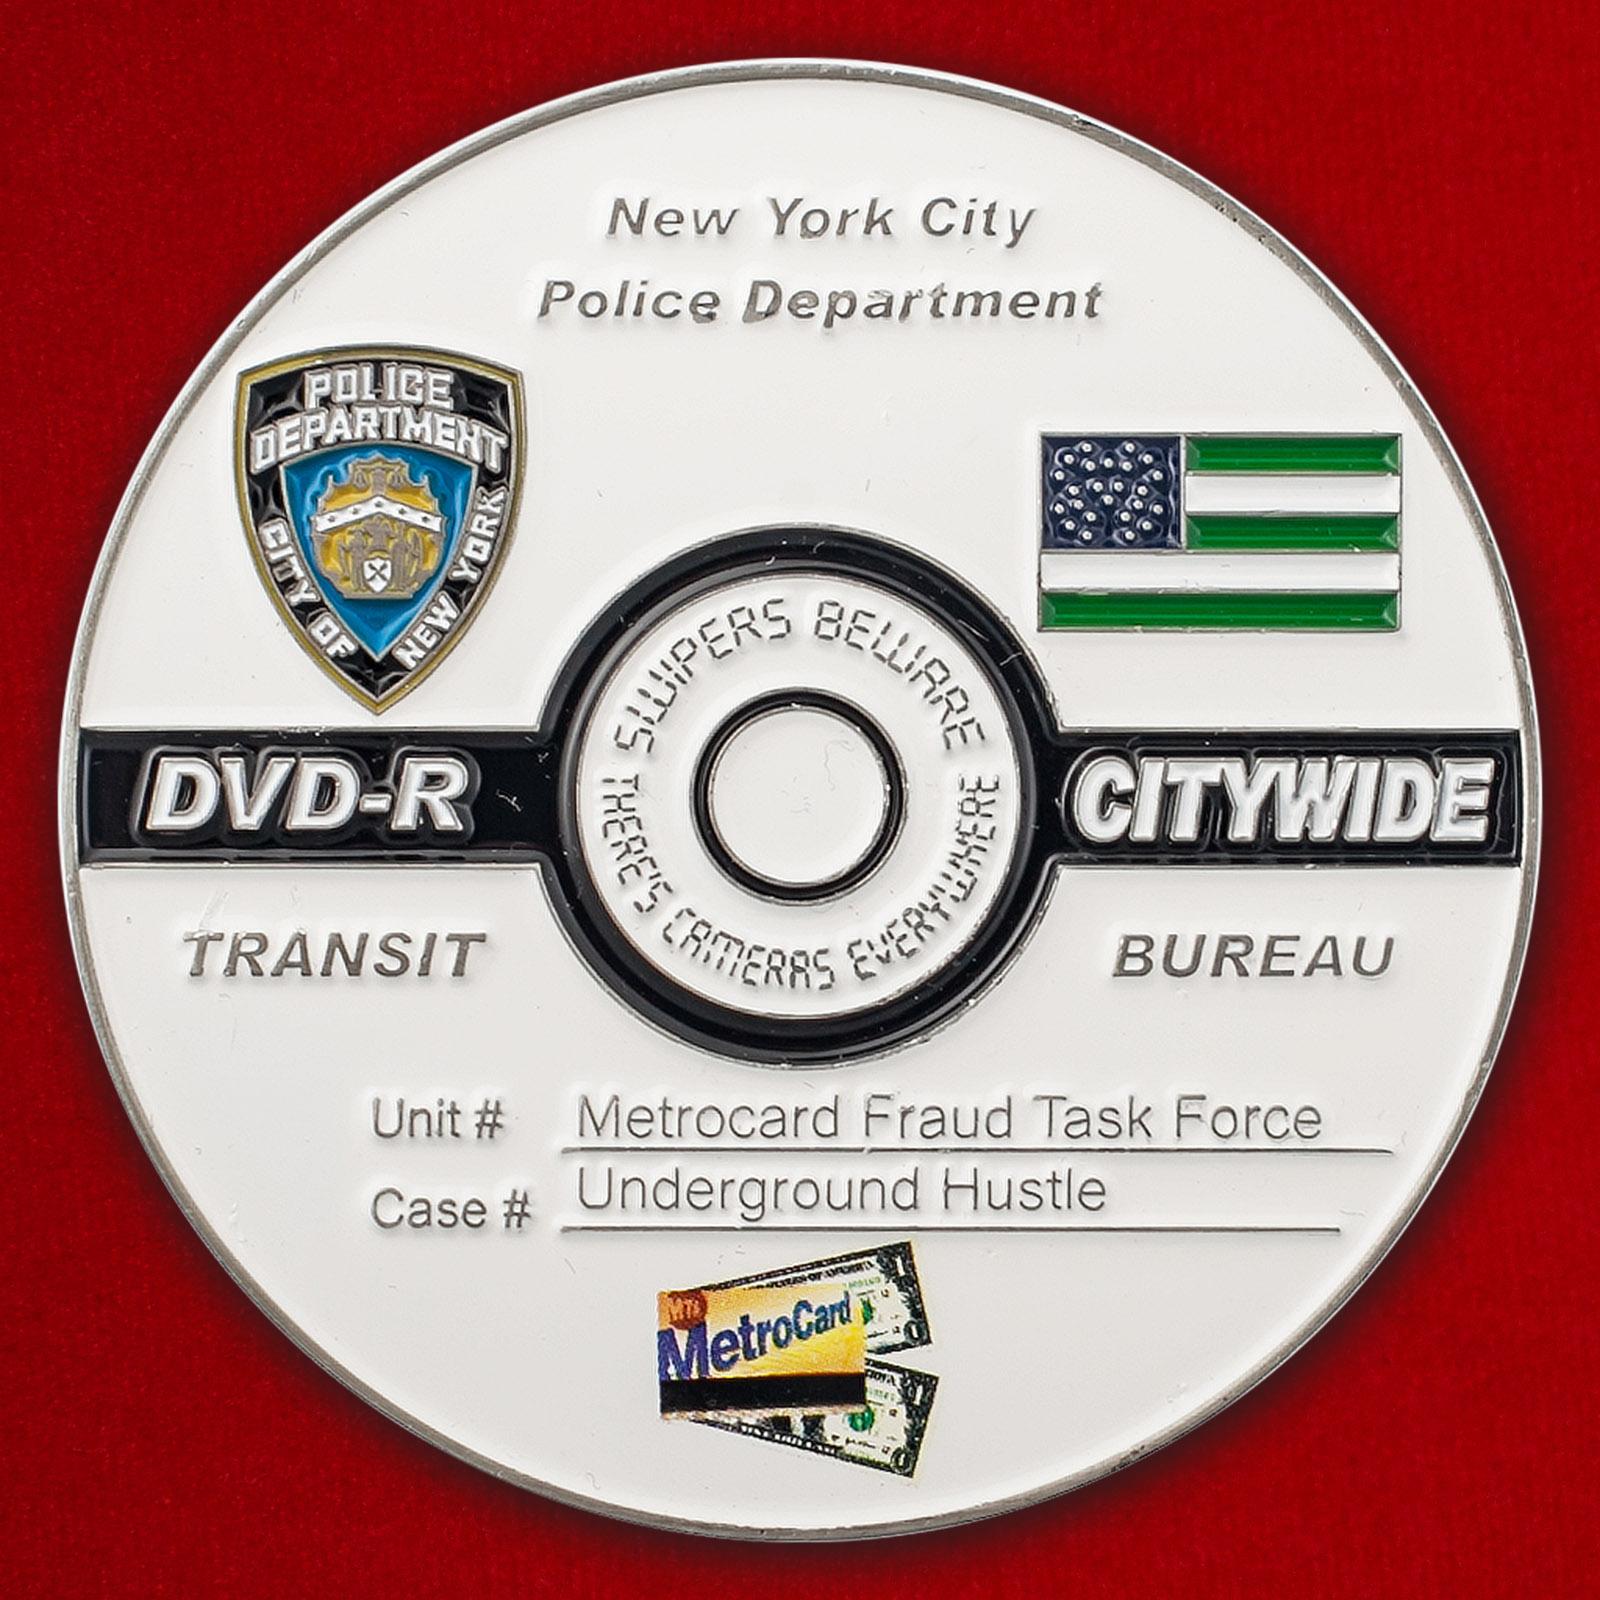 Челлендж коин сотрудников целевой группы полиции Нью-Йорка по борьбе с незаконными операциями с данными кредитных карт